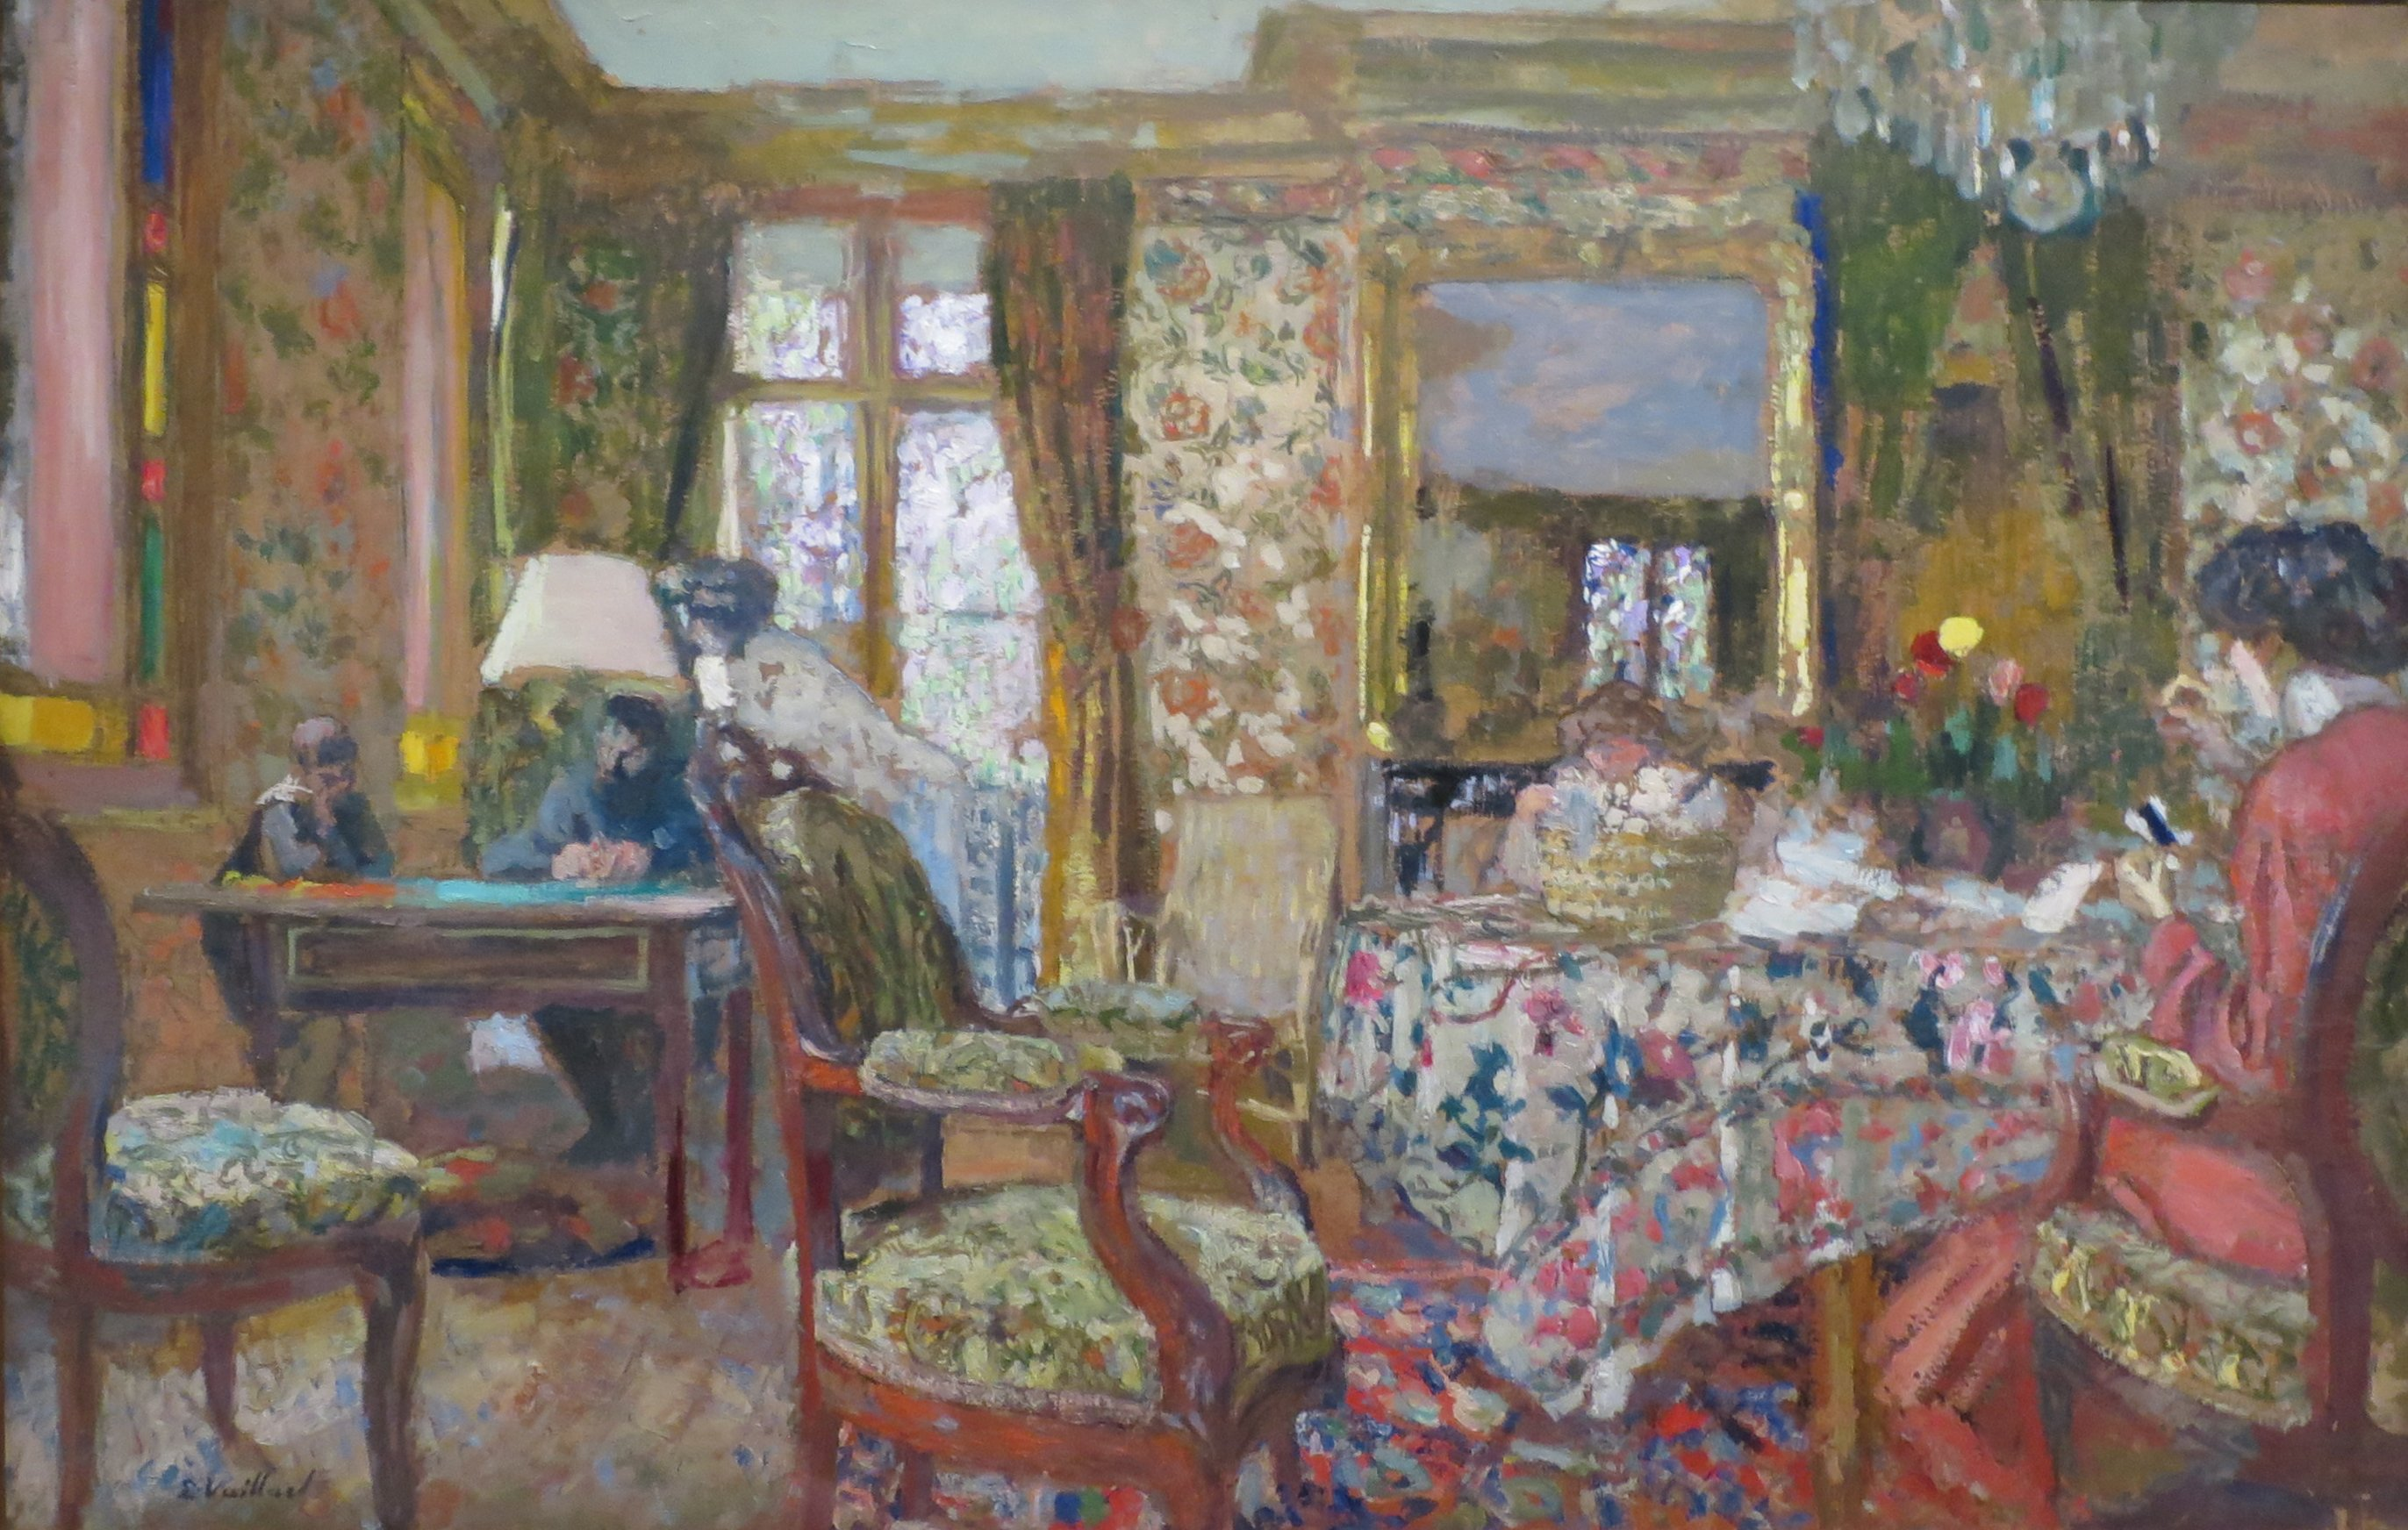 Fichier:'Interior' by Édouard Vuillard, 1904, Pushkin Museum.JPG — Wikipédia